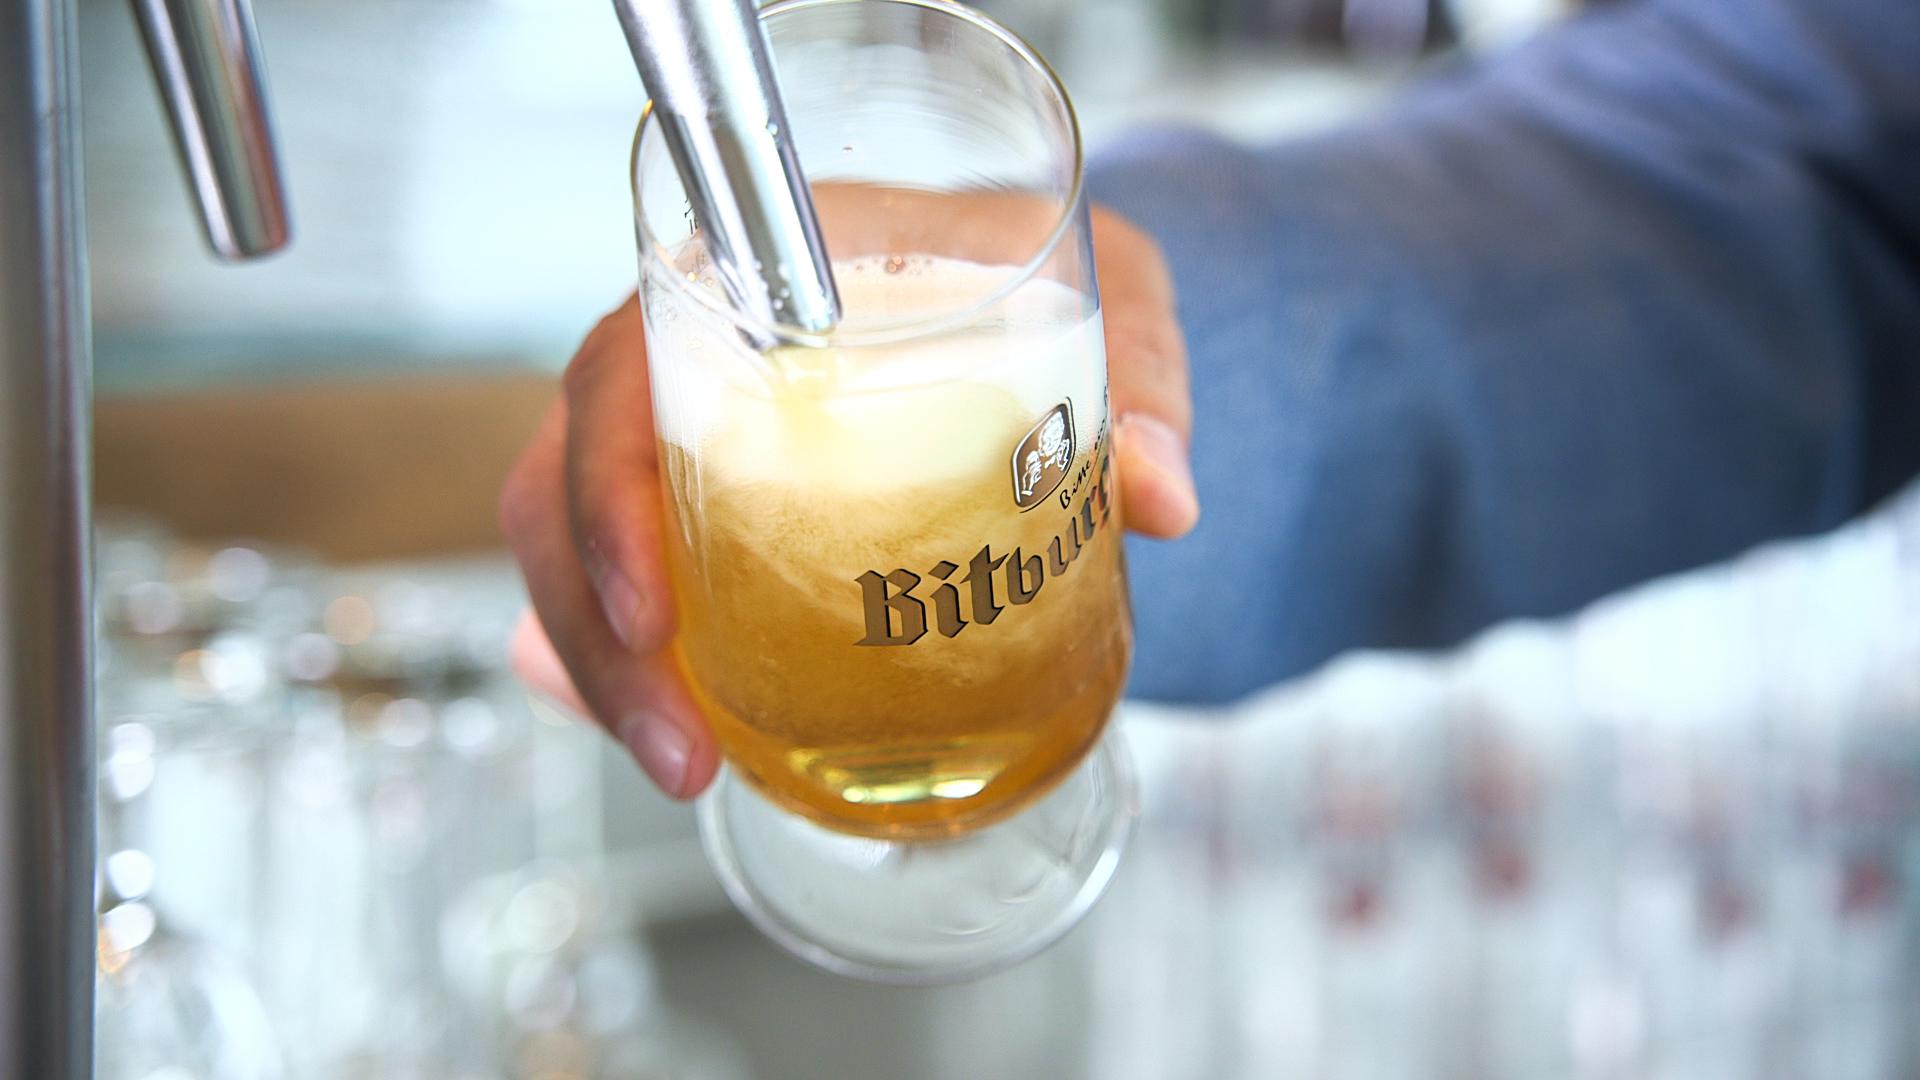 Bier an Bord der Mein Schiff Flotte – Der Weg von Bitburg auf die Weltmeere